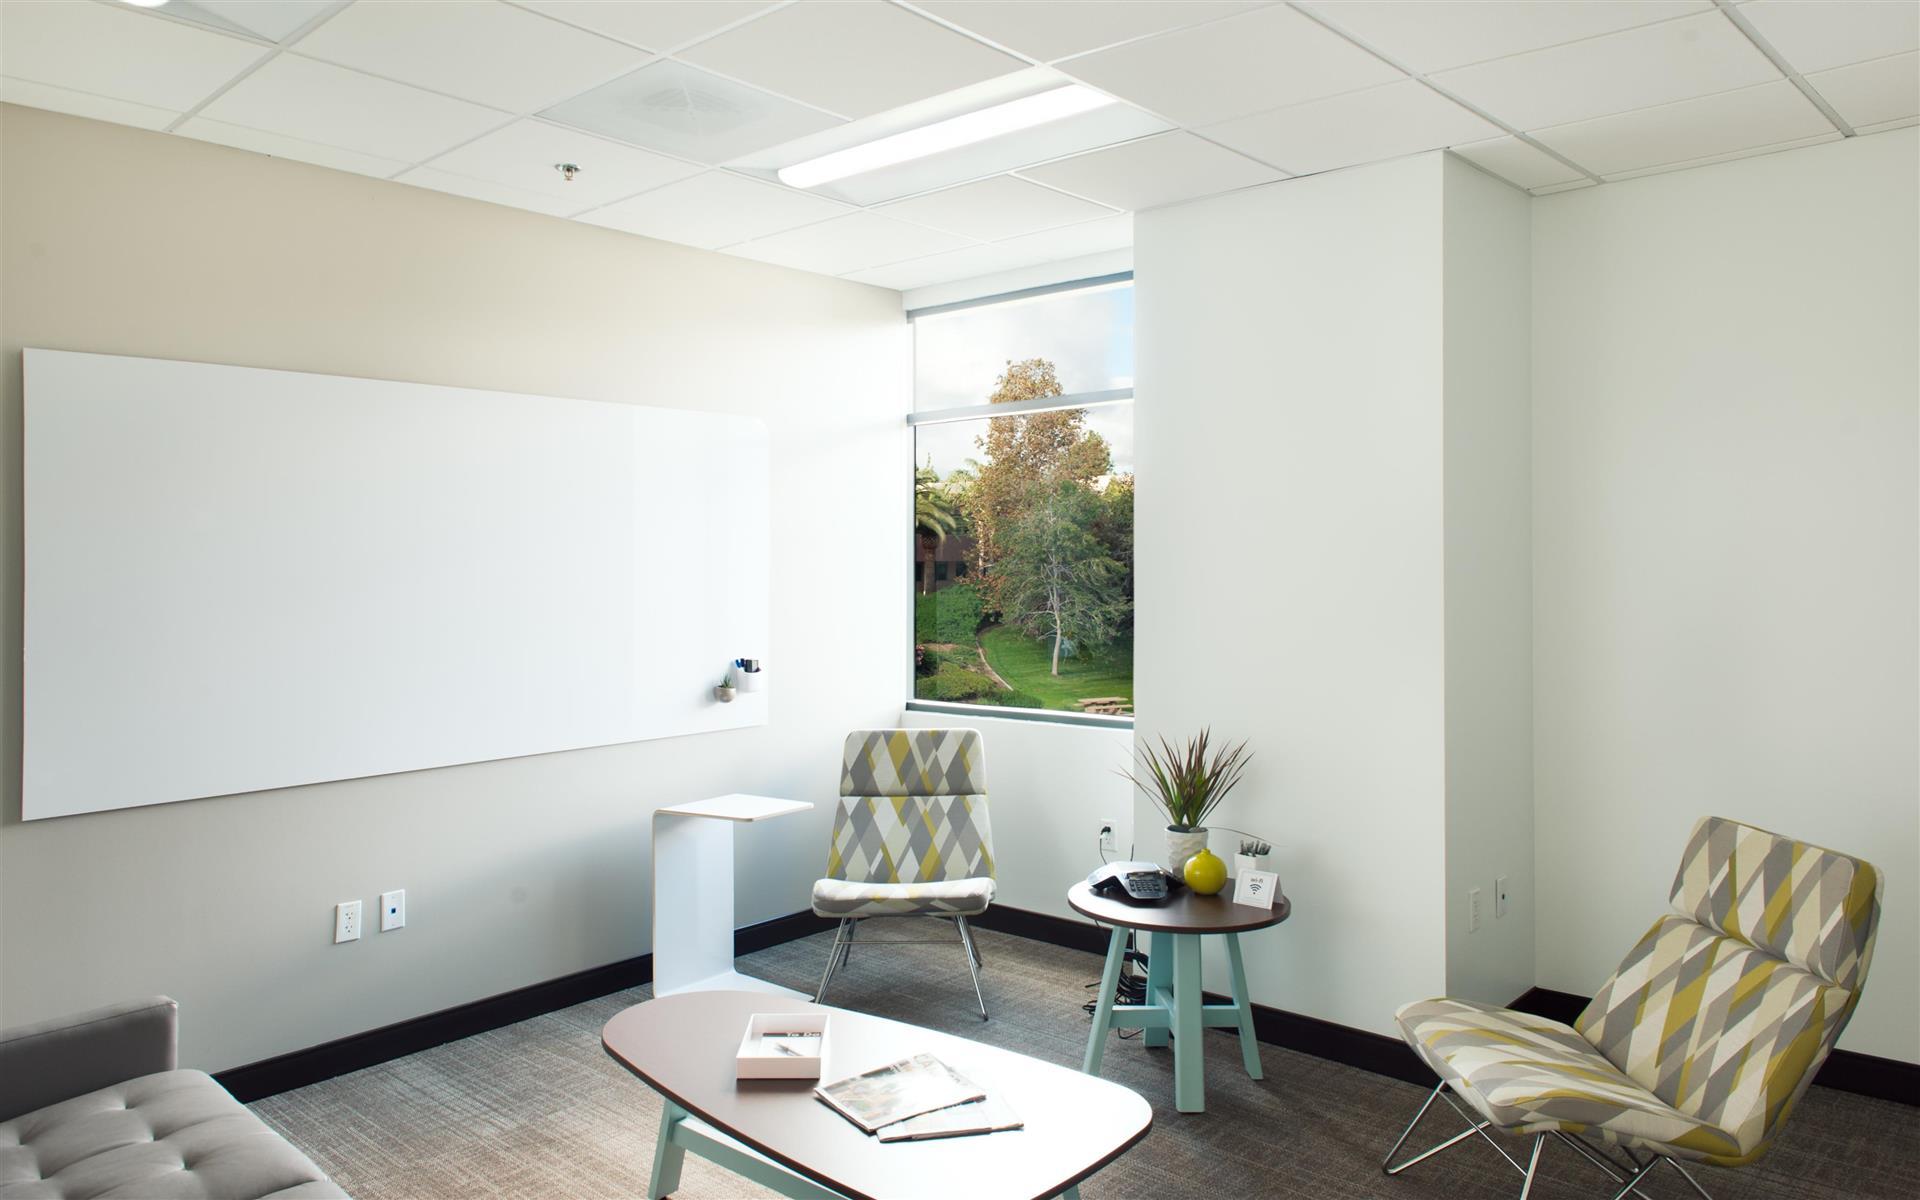 Avanti Workspace - Carlsbad - Shorebreak Meeting Room